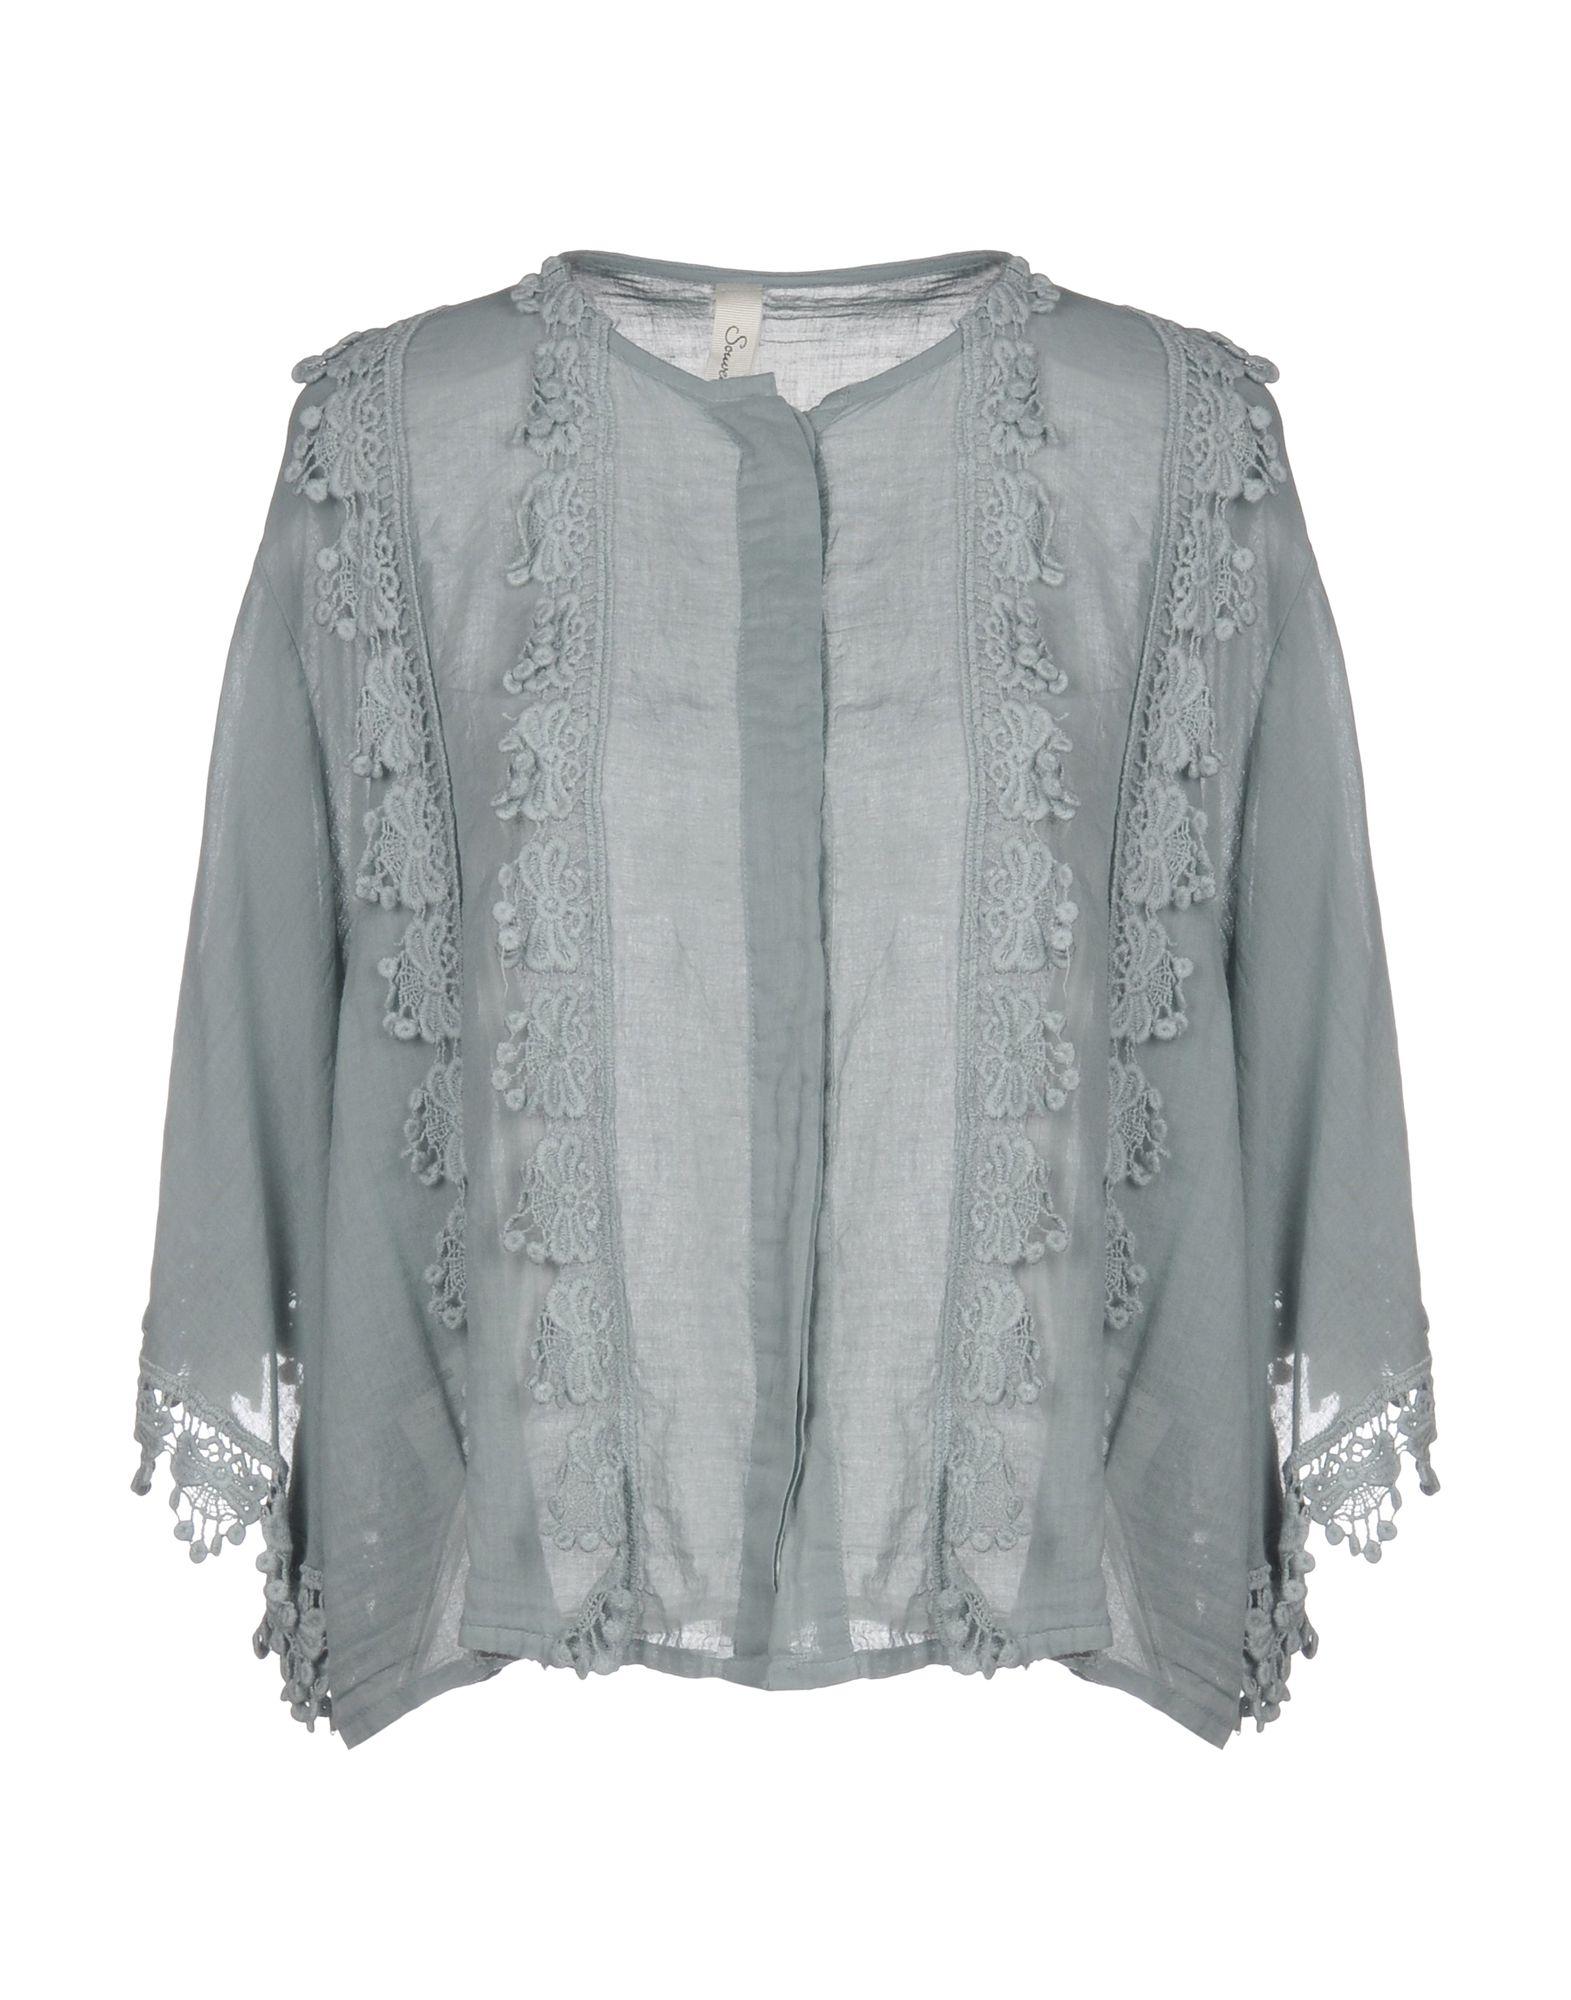 Camicie E bluse In Pizzo Pizzo Souvenir donna - 38774544MH  Rabatte und mehr